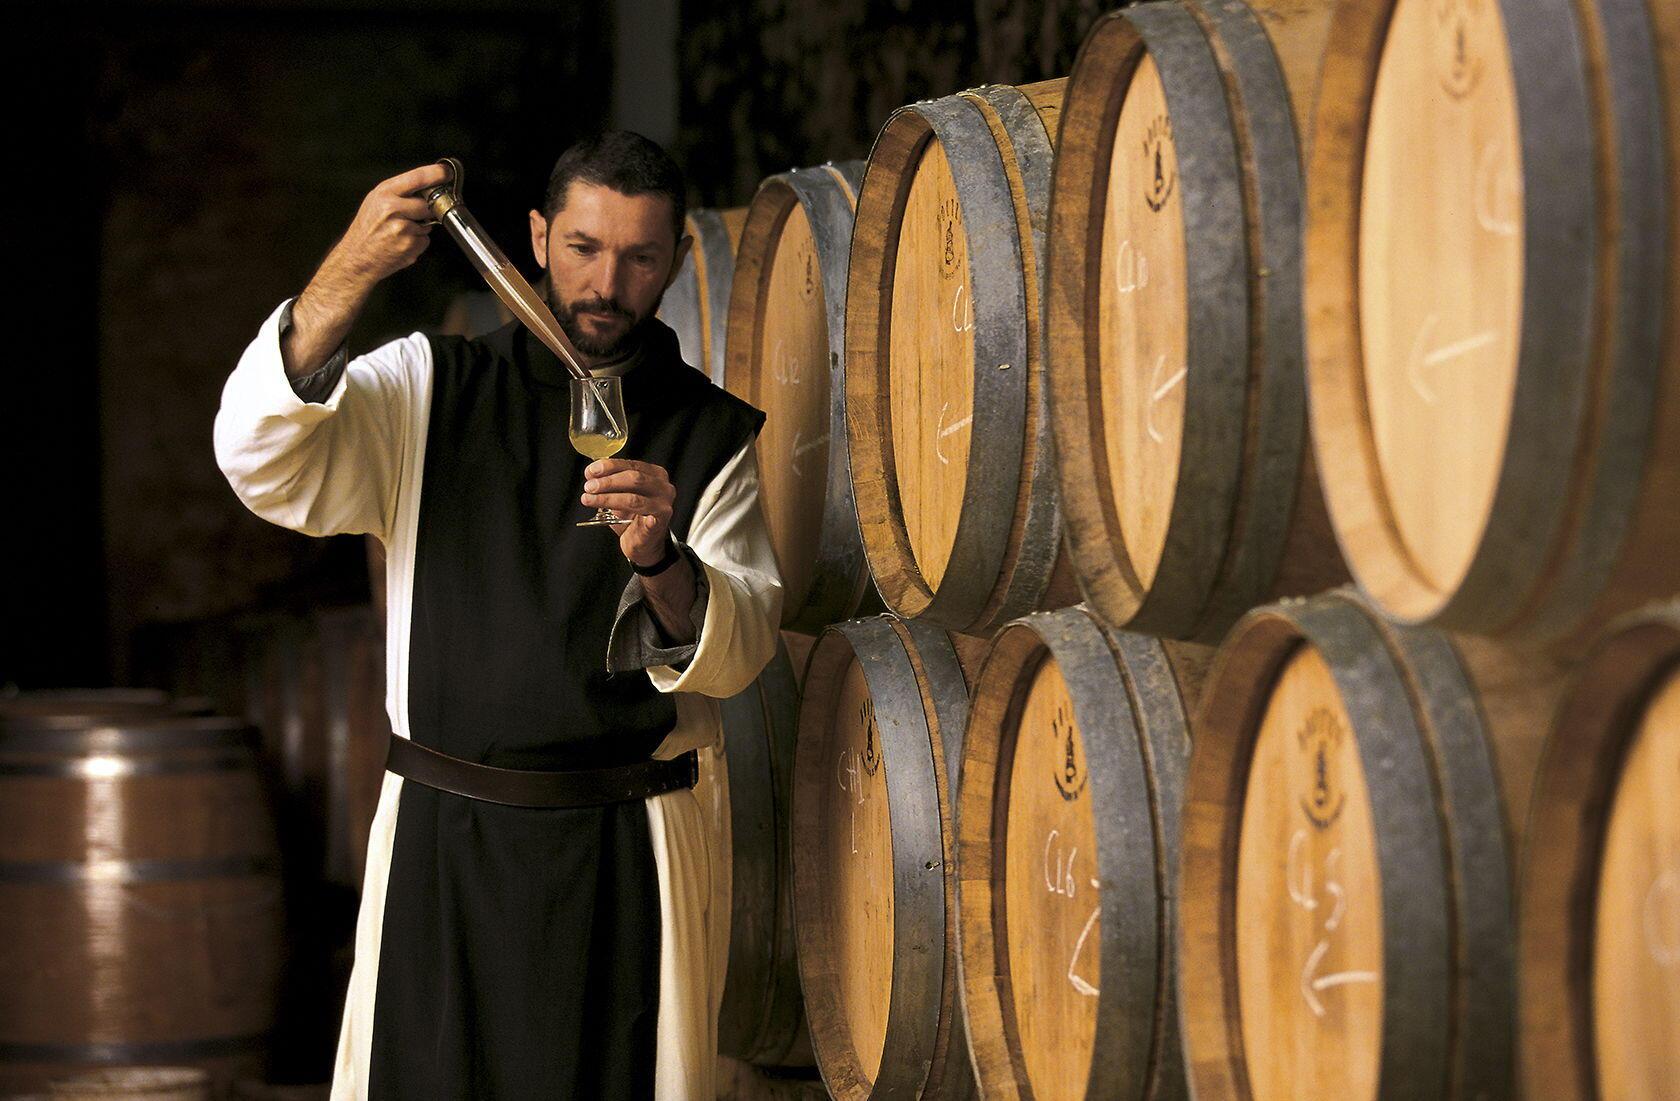 Les Caves Abbaye de Lerins Cote d'Azur L'ile Saint Honorat